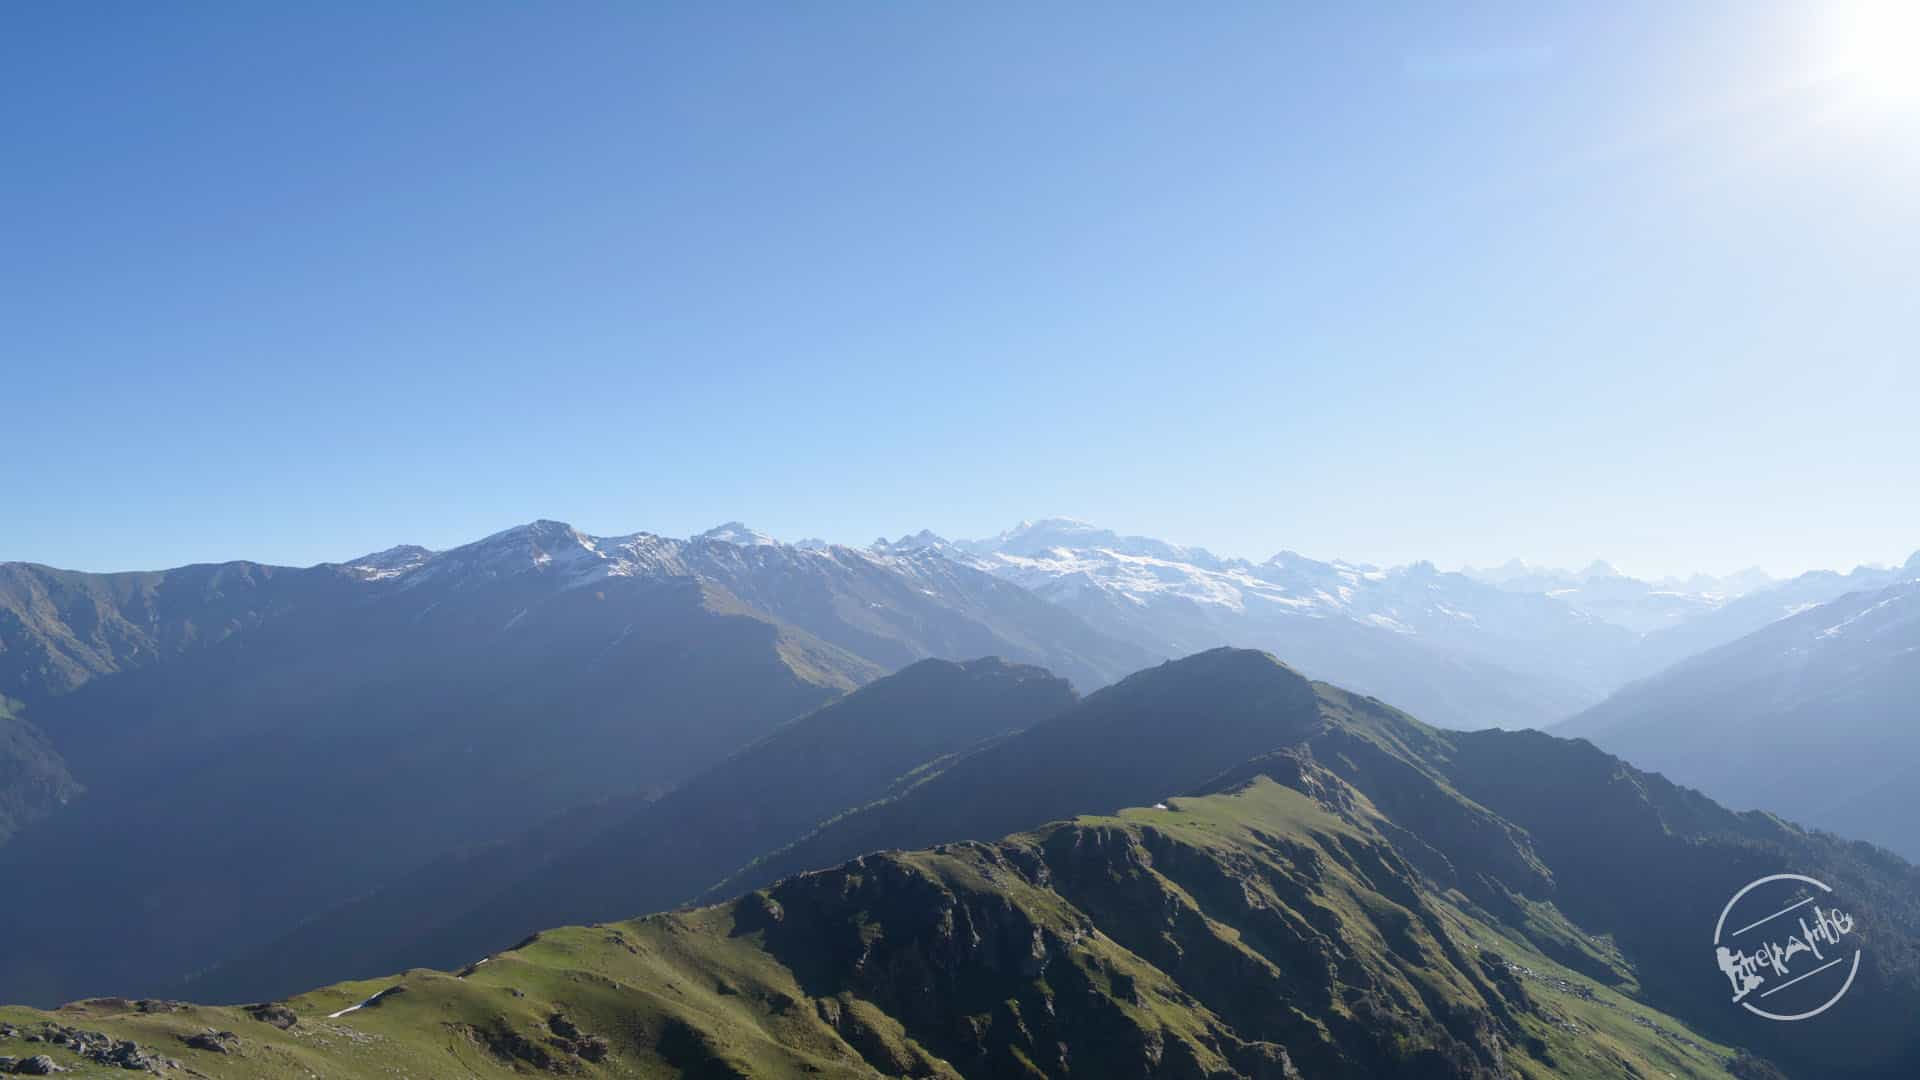 Chandrakhani pass Trekking - View of Parvati Valley